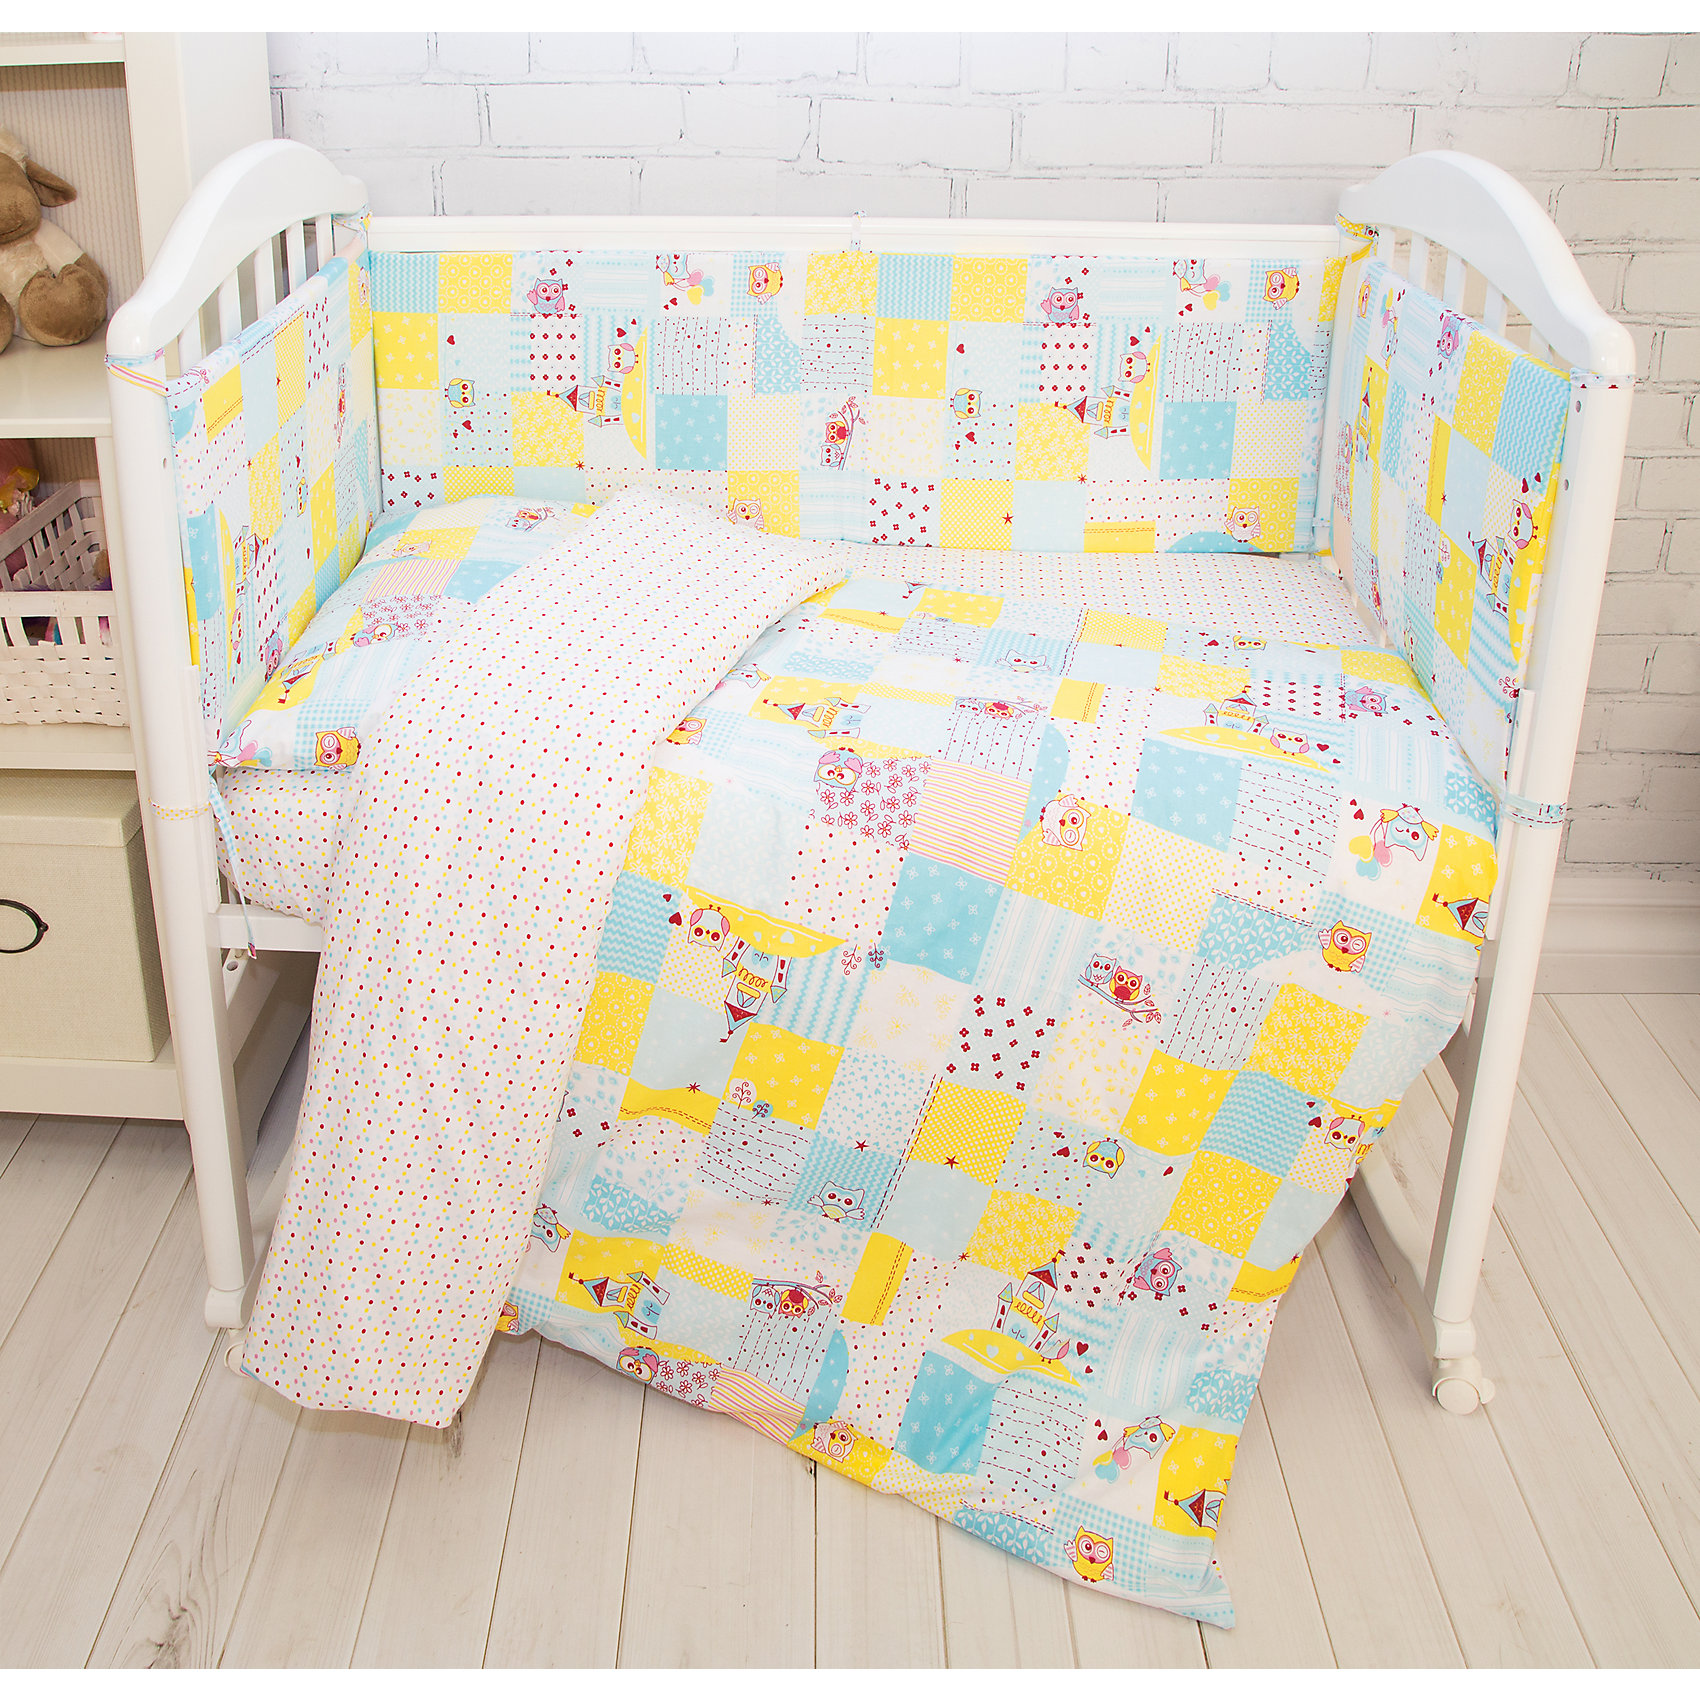 Борт в кроватку Совы Baby Nice, голубыеПостельное бельё<br>Борт в кроватку Совы Baby Nice, голубые<br><br>Характеристики:<br><br>• В набор входит: 4 борта<br>• Состав постельного белья: 100% хлопок<br>• Состав наполнителя: периотек<br>• Размеры: 2 борта 60 * 35 см, 2 борта 120 * 35 см.<br>• Тип ткани: бязь.<br>• Для детей в возрасте: от 0 мес<br>• Страна производитель: Россия<br><br>Яркий и натуральный набор бортов из четырех частей от Объединенной Текстильной Компании, специализирующейся на производстве качественного постельного белья и принадлежностей по приемлемой цене. Нежная расцветка в клеточку с голубыми совами и веселыми замками на белом фоне идеально подойдет для мальчиков. Бортики уберегут нежный сон ребенка и не позволят во сне просунуть ручку между перегородкой кроватки. <br><br>Благодаря тому, что кроватка закрывает малыша со всех сторон вероятность того, что ребёнка продует от сквозняка снижается. Все составные части набора изготовлены из 100% хлопка, приятны к прикосновению и не вызывают аллергии. Набор станет отличным подарком для новорожденного. Добавьте атмосферы уюта и комфорта вместе с новым бортом в кроватку!<br><br>Борт в кроватку Совы Baby Nice, голубые можно купить в нашем интернет-магазине<br><br>Ширина мм: 230<br>Глубина мм: 250<br>Высота мм: 40<br>Вес г: 700<br>Возраст от месяцев: 0<br>Возраст до месяцев: 12<br>Пол: Мужской<br>Возраст: Детский<br>SKU: 5454322